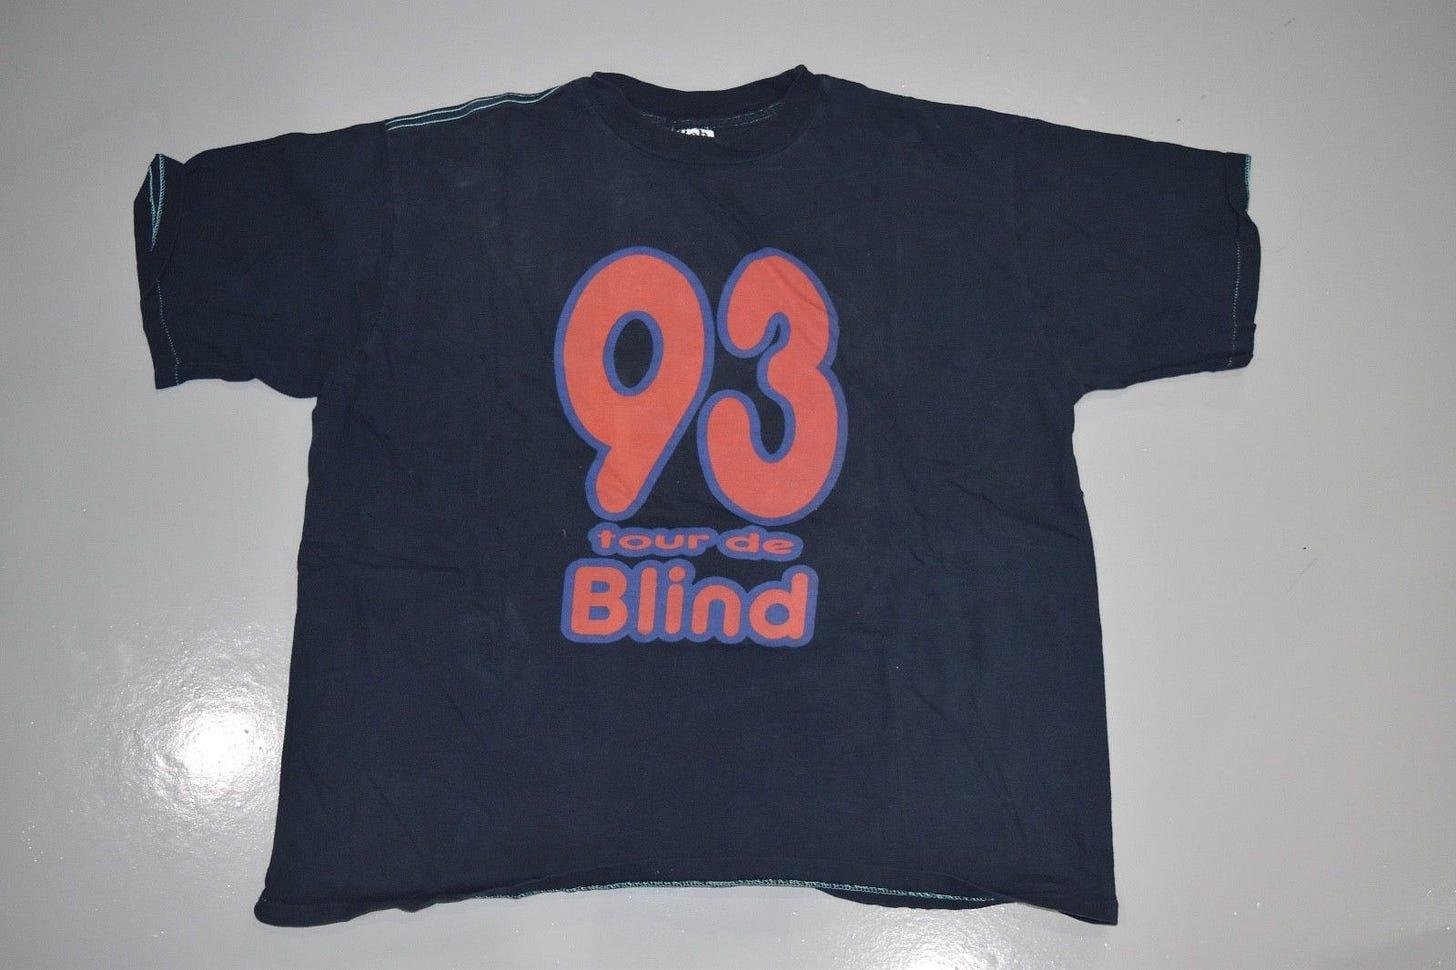 Blind1.jpg